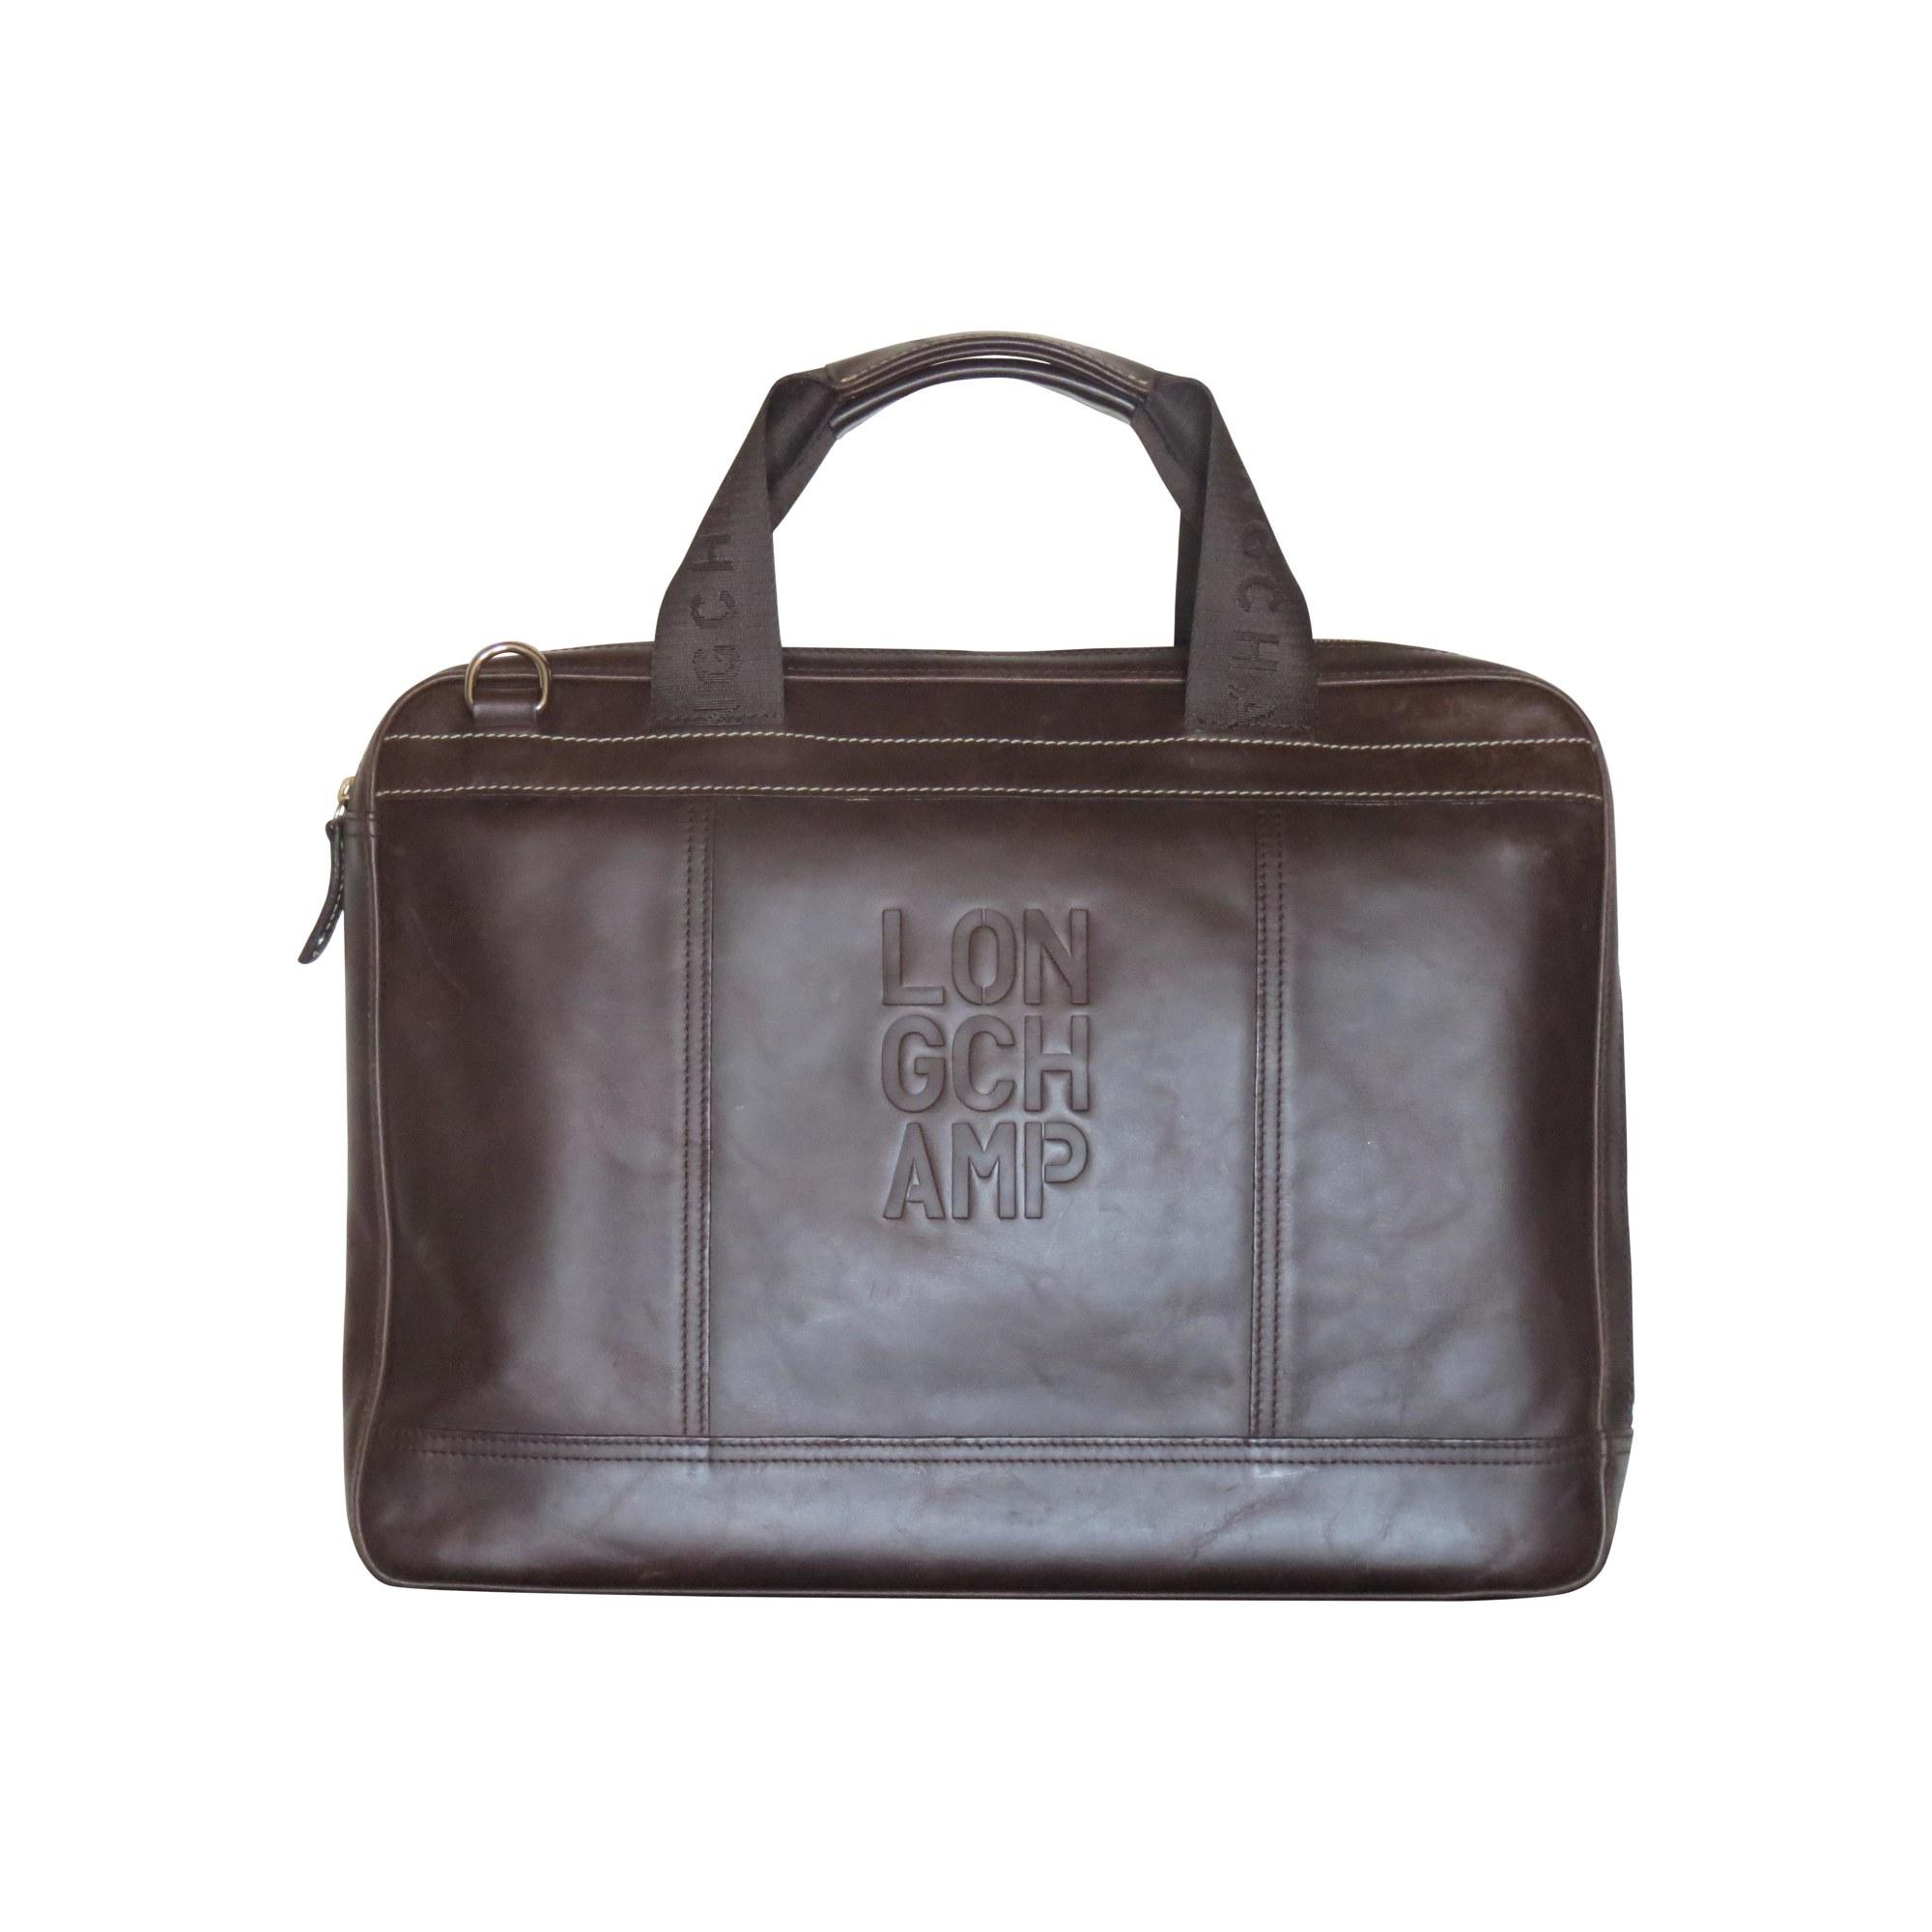 ef67935fb3861 Porte document, serviette LONGCHAMP marron vendu par Shopname613353 ...